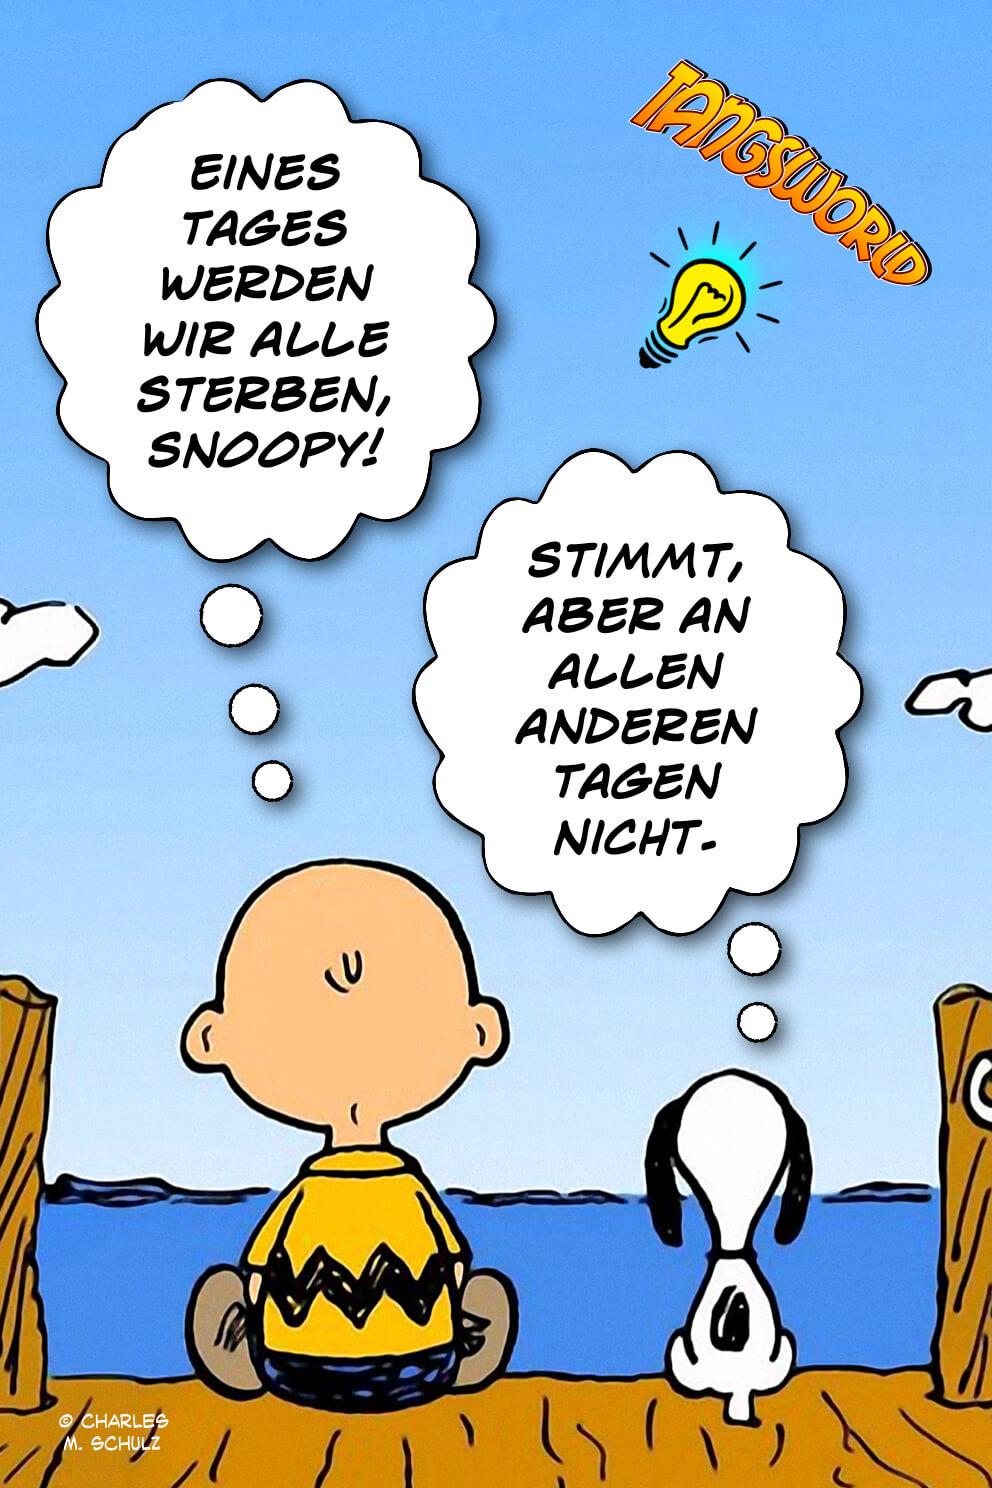 Charlie Brown: Eines Tages werden wir alle sterben, Snoopy! - Snoopy: Stimmt, aber an allen anderen Tagen nicht. - Geistesblitze | Charles M. Schulz